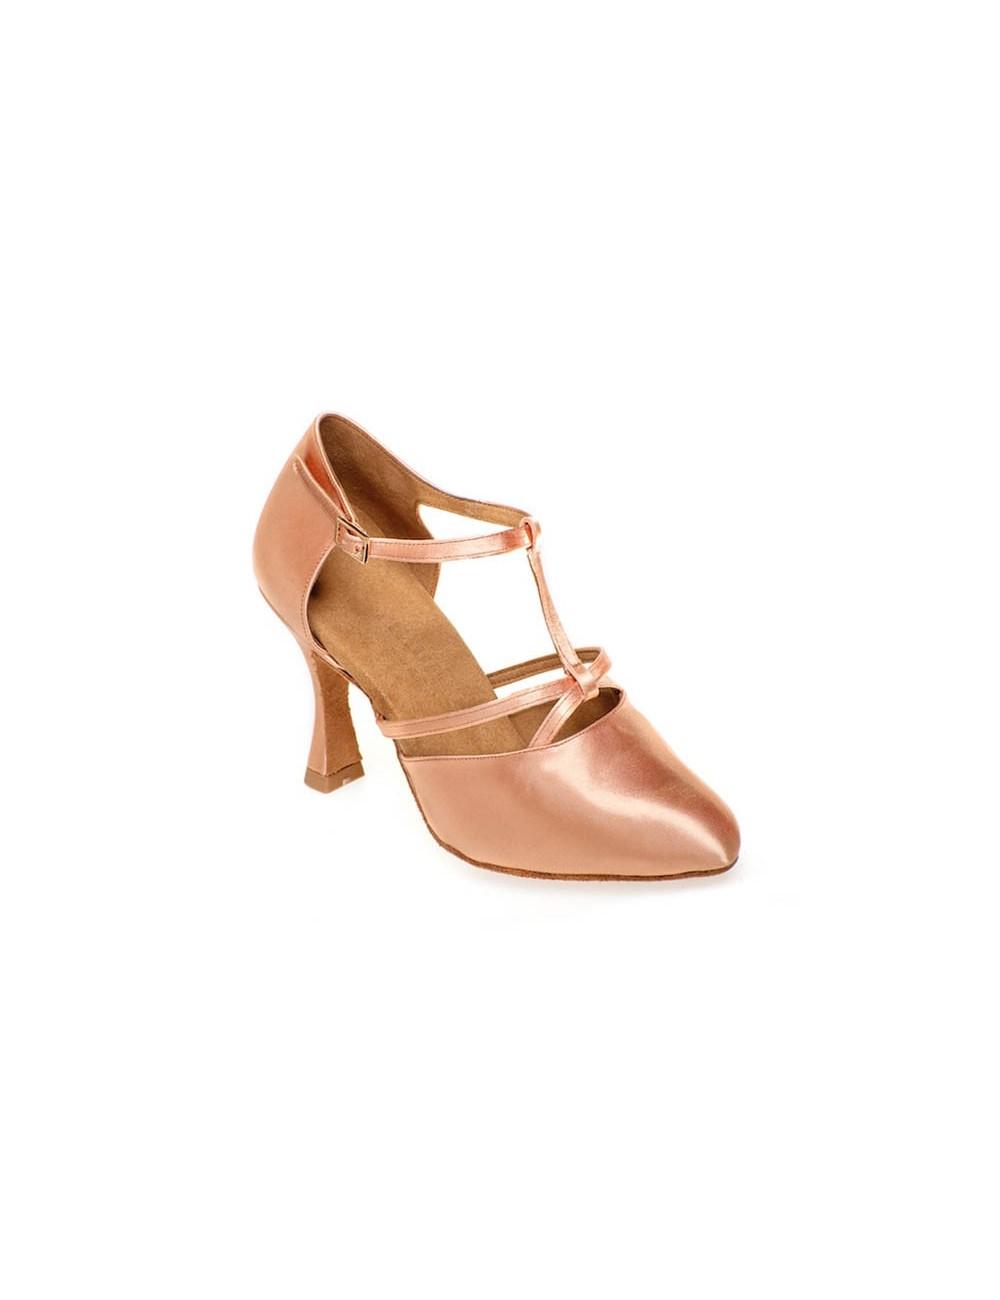 141a0398 Zapatos de salsa clásicos de punta cerrada en color natural similar al de  la piel. Fabricado artesanalmente ofreciendo un modelo totalmente  profesional con ...